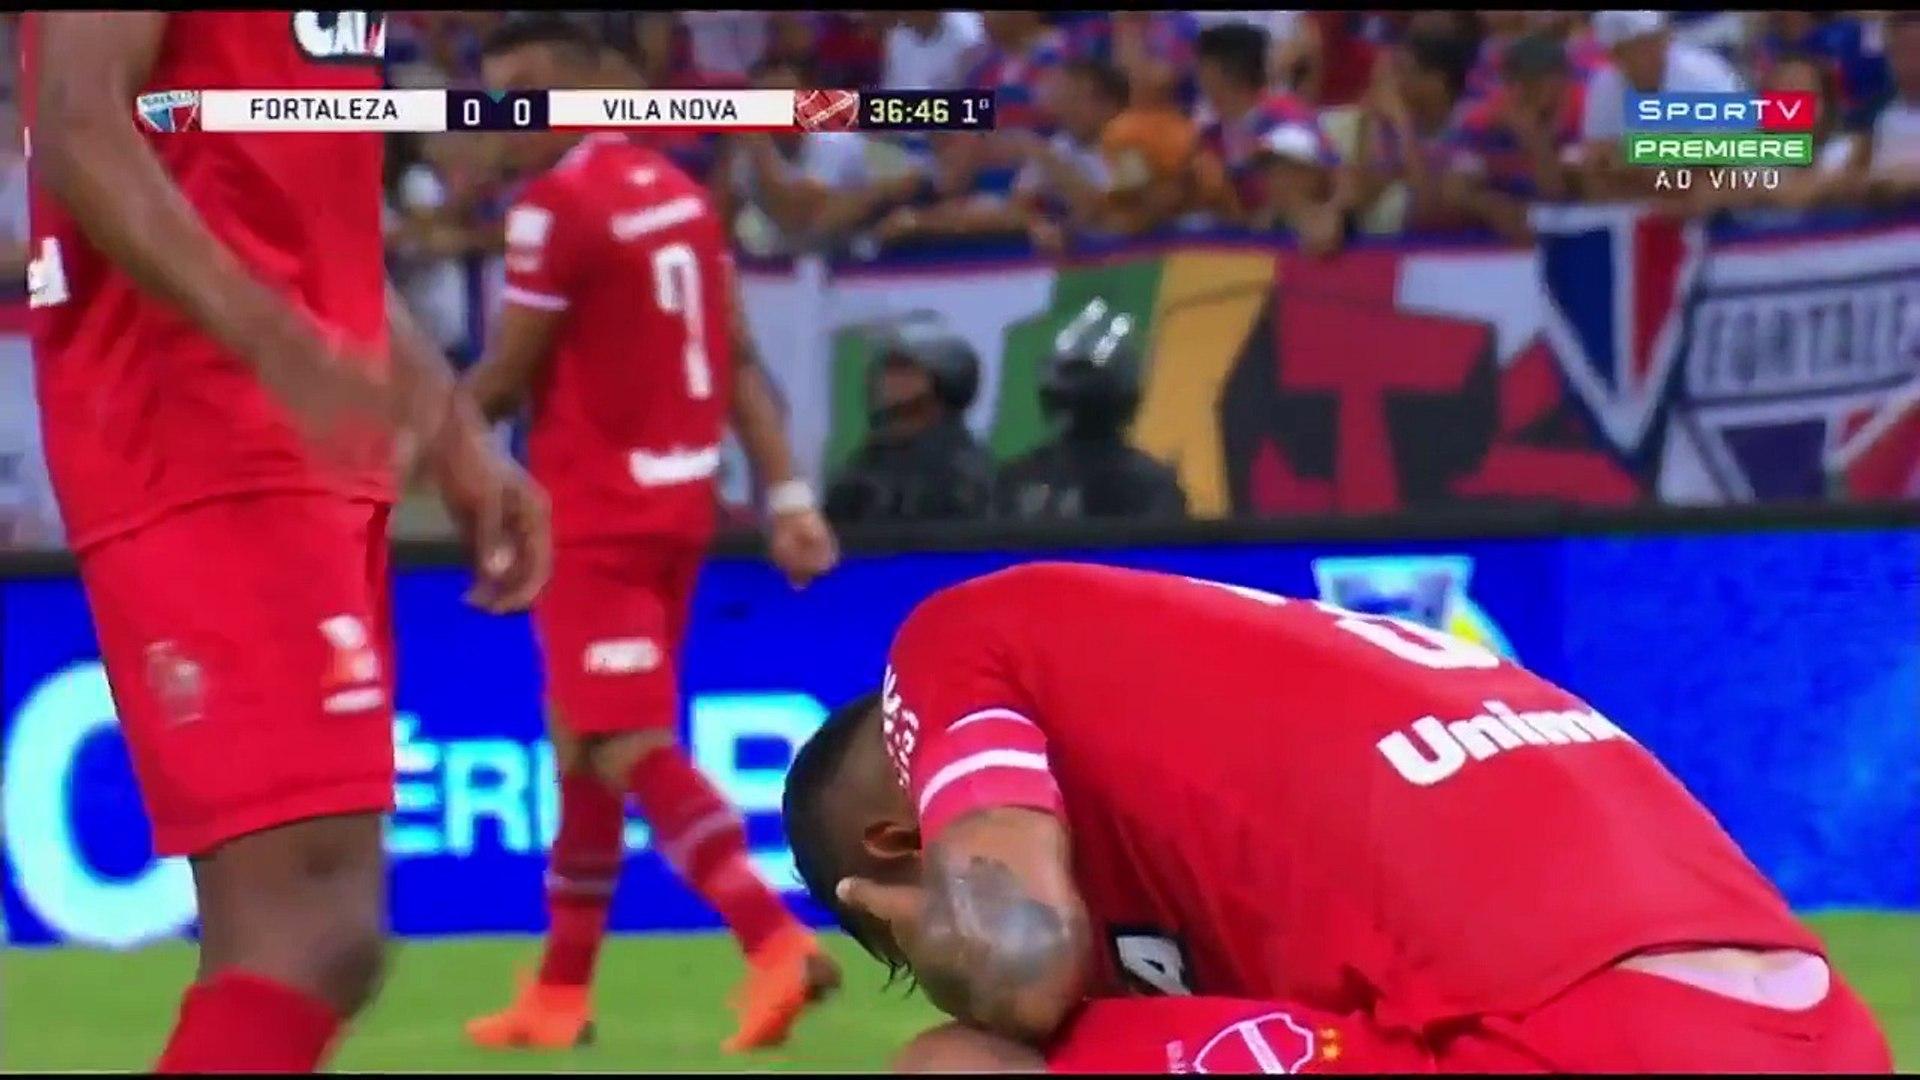 [MELHORES MOMENTOS] Fortaleza 2 x 0 Vila Nova - Série B 2018